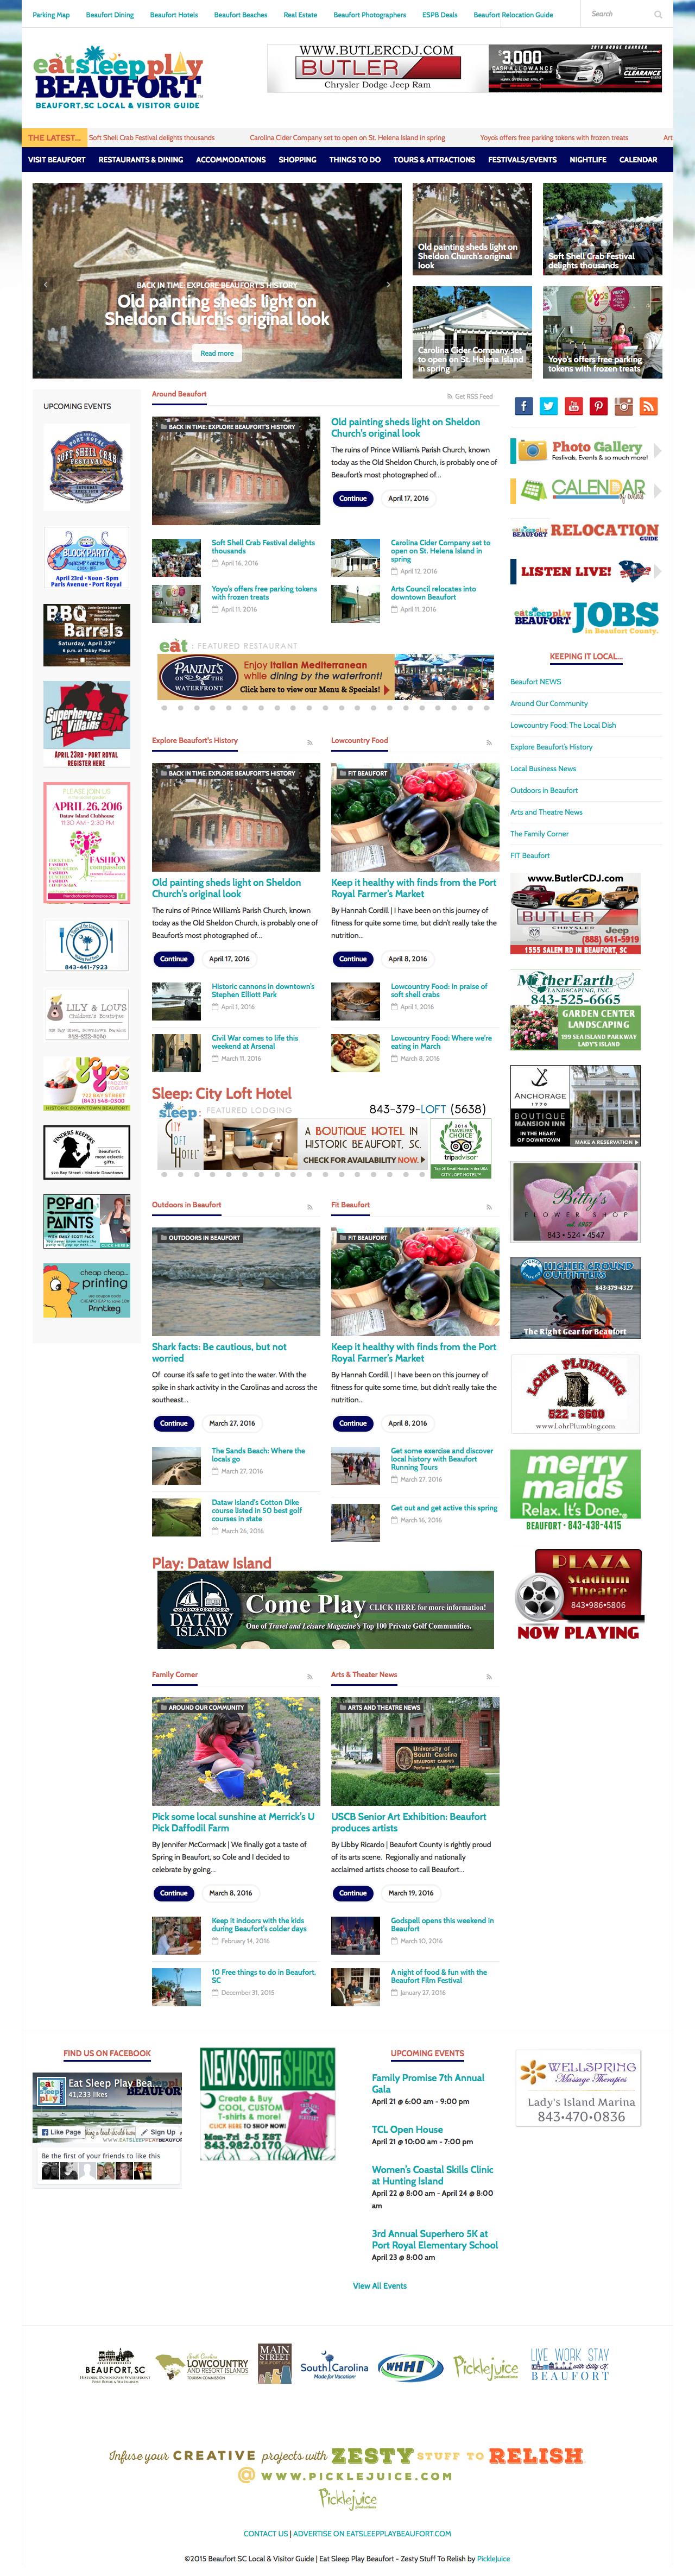 Beaufort Web Design | EatSleepPlayBeaufort | PickleJuice Productions